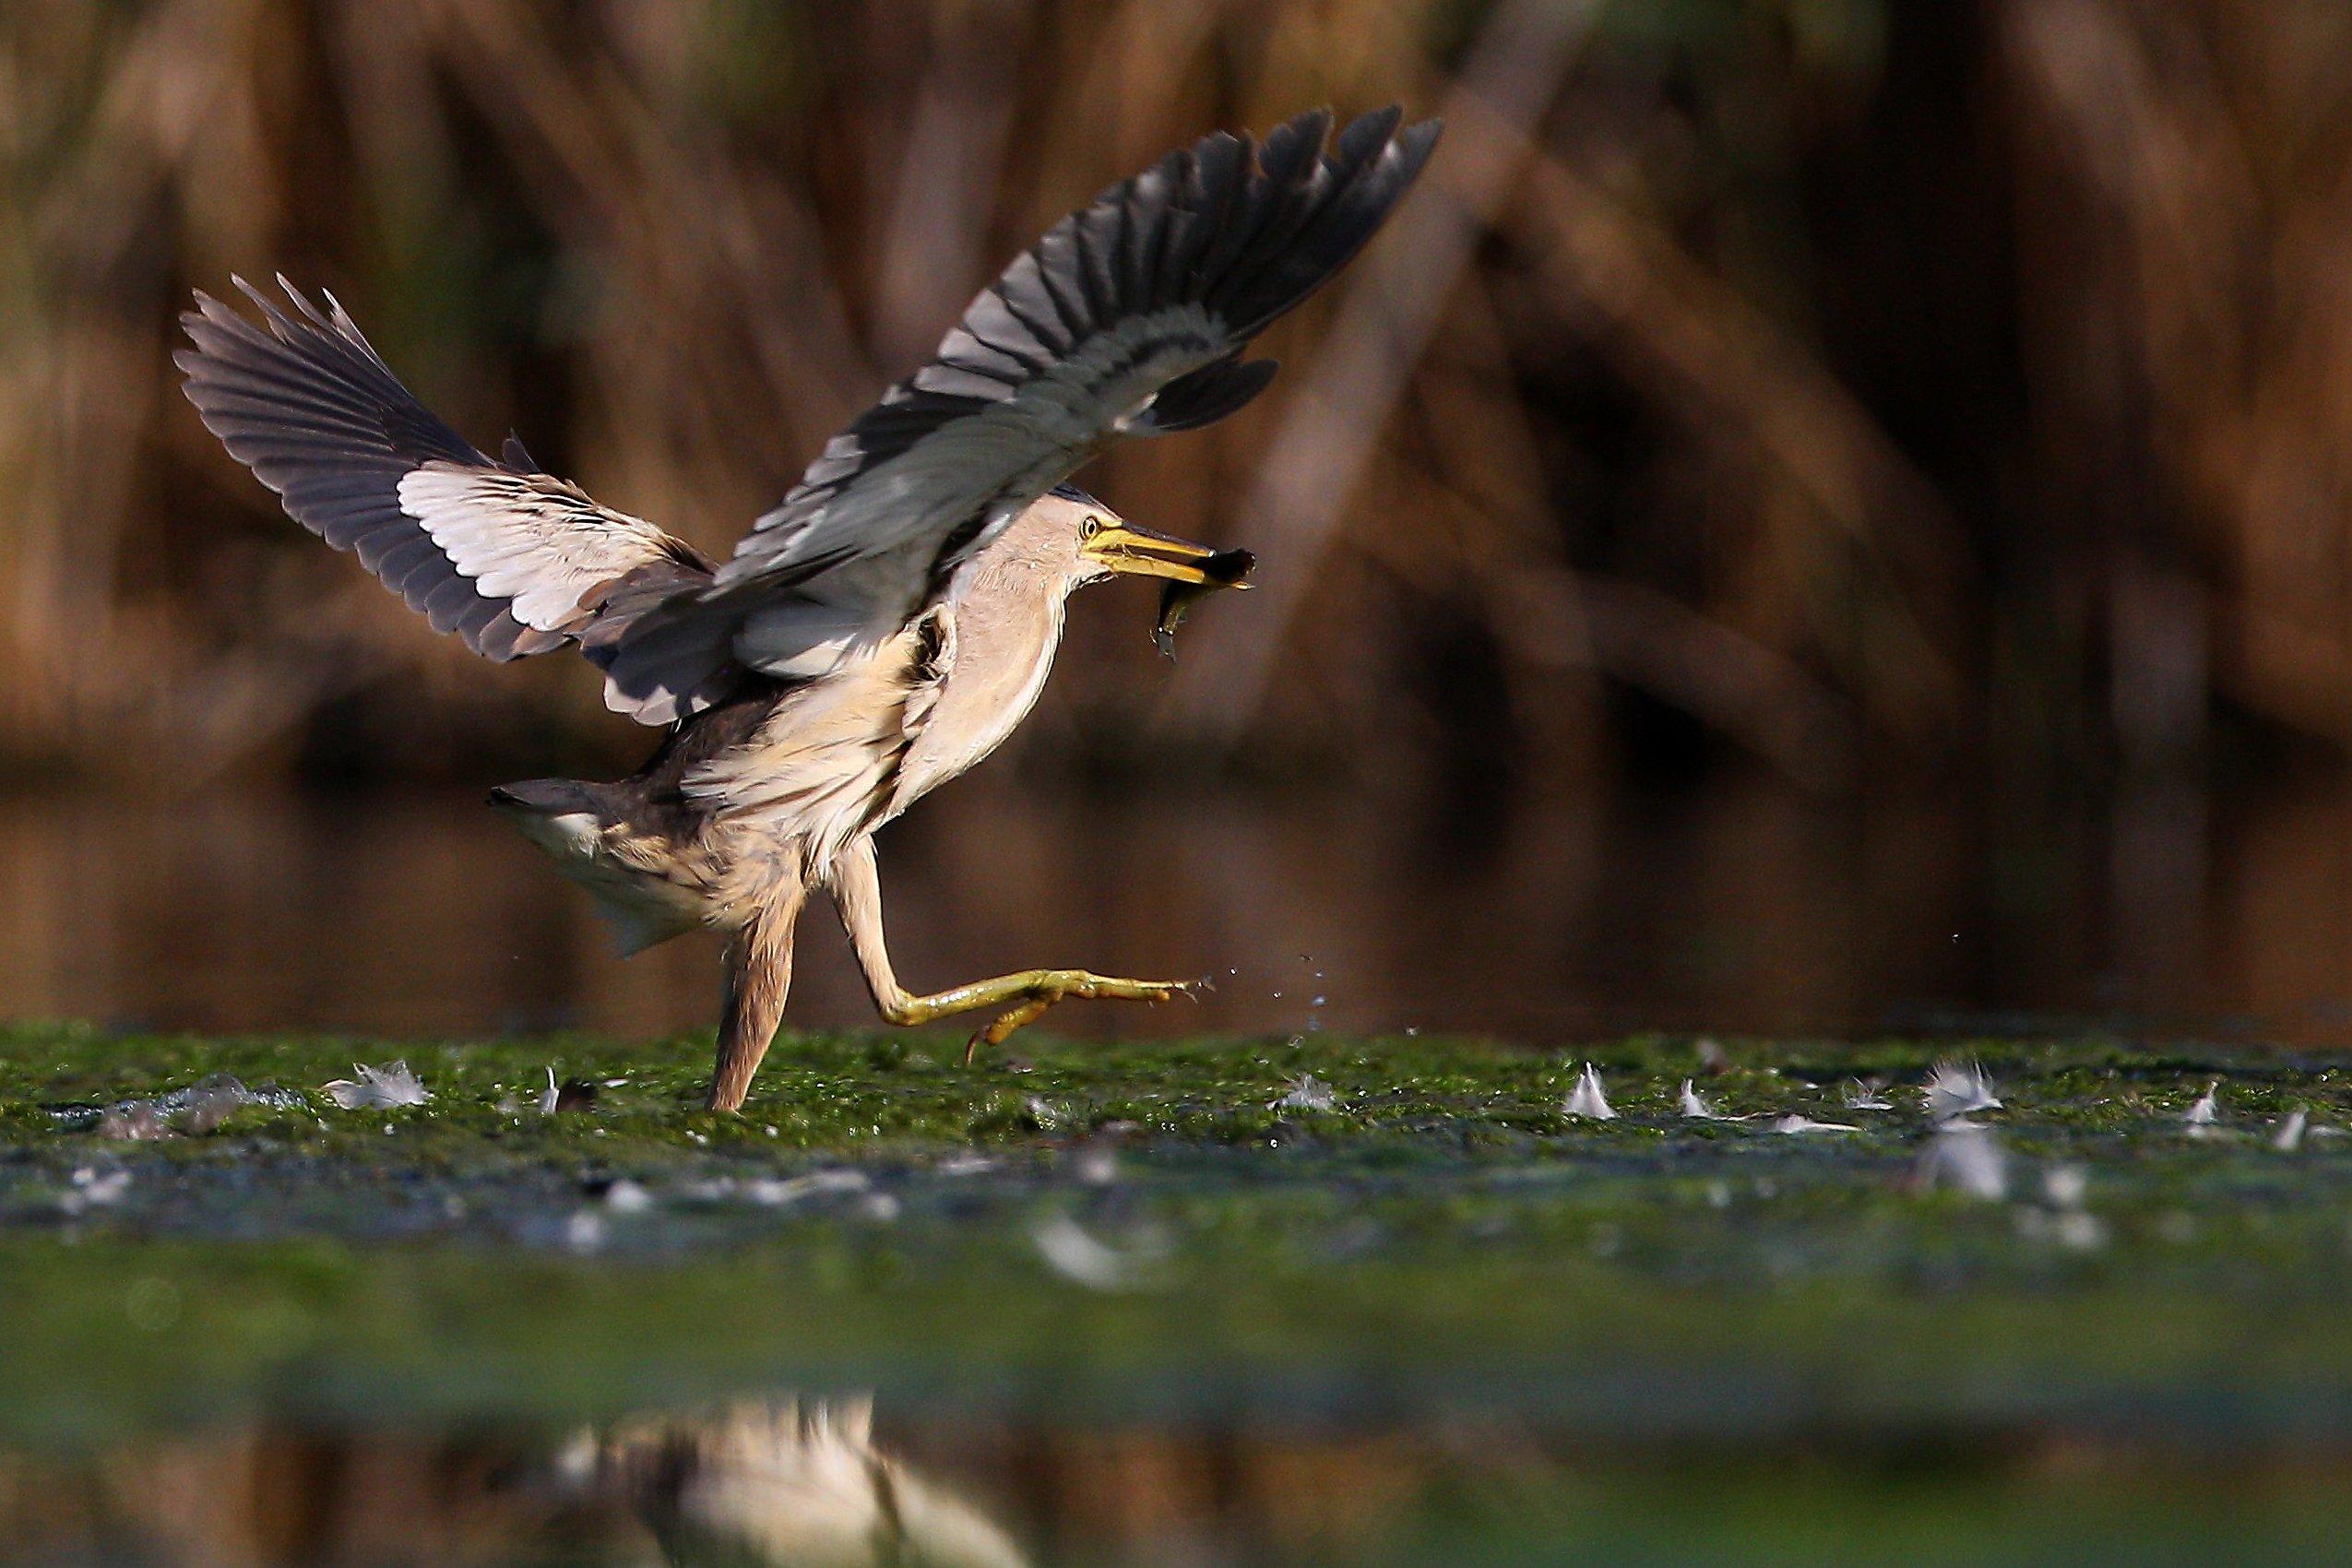 #birds, #fauna, #nature, #wildlife, #малая выпь, #природа, #птицы, #фауна, #цапля, Константин Слободчук